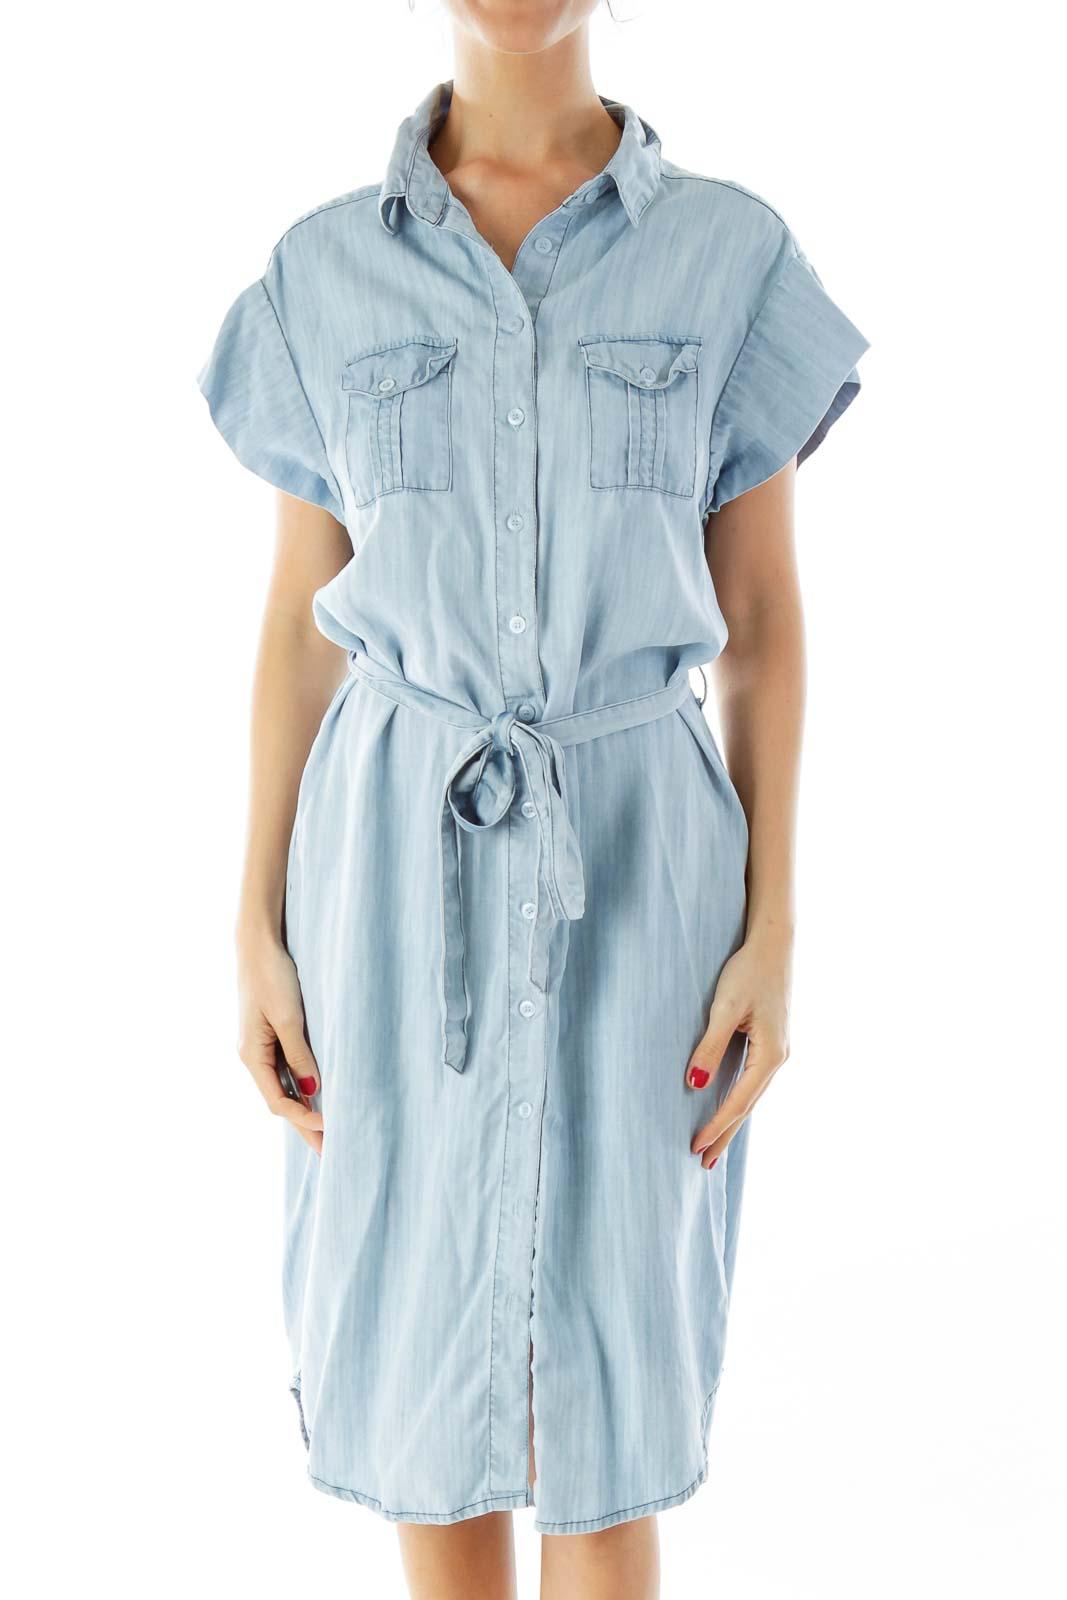 Light Wash Denim Shirt Dress Front